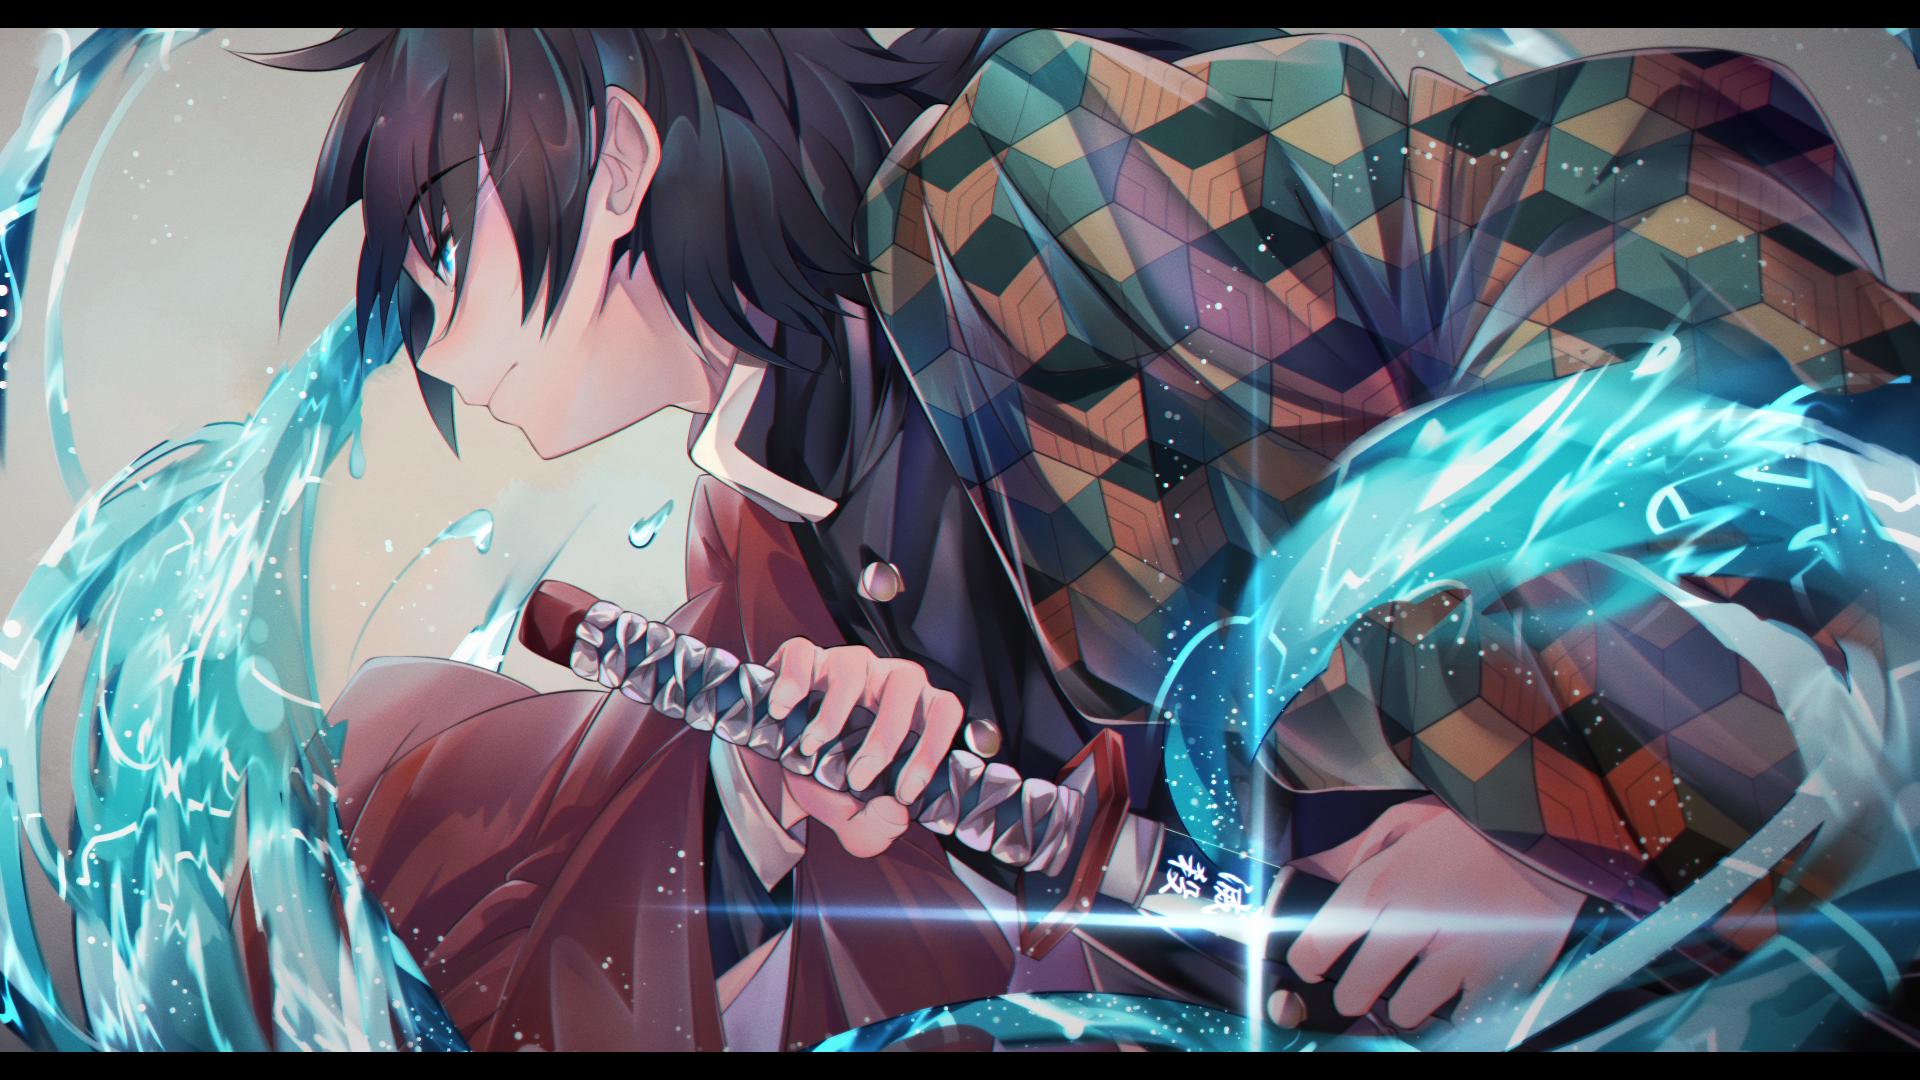 Kimetsu No Yaiba Demon Slayer Wallpaper Page 2 Zerochan